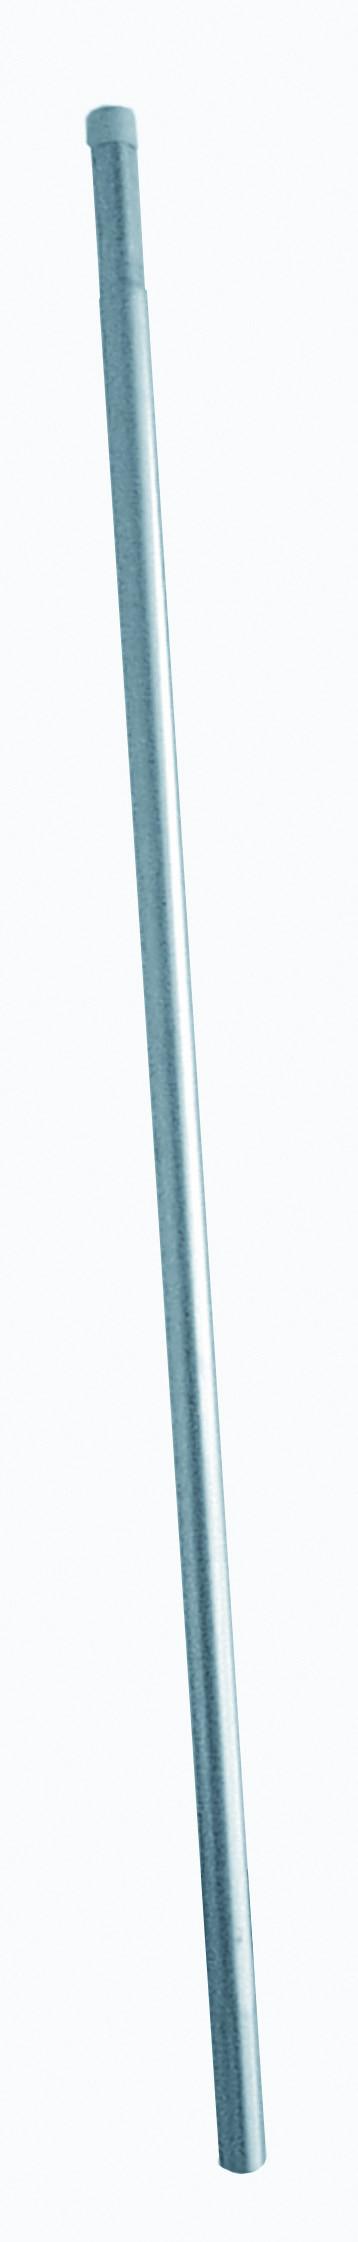 Mât emboîtable droit 1m D35mm METRONIC